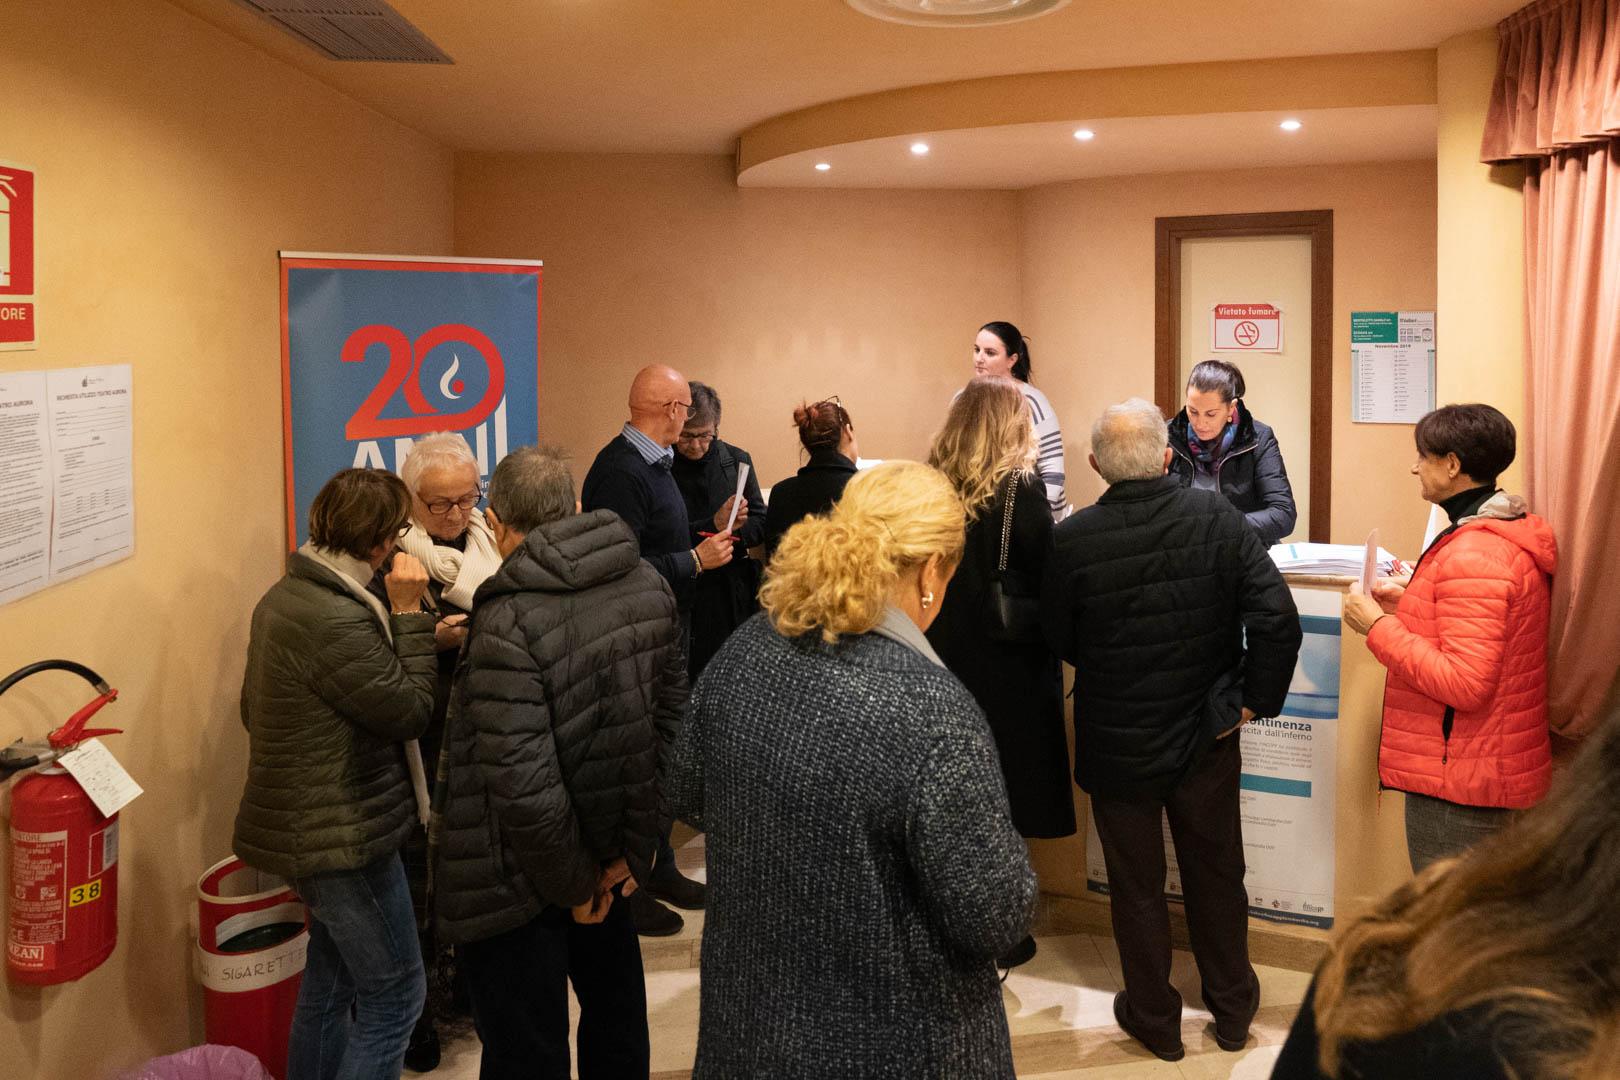 19 - Registrazione dei partecipanti - IL 2° LIBRO BIANCO DELL'INCONTINENZA - Seriate, 20.11.2019